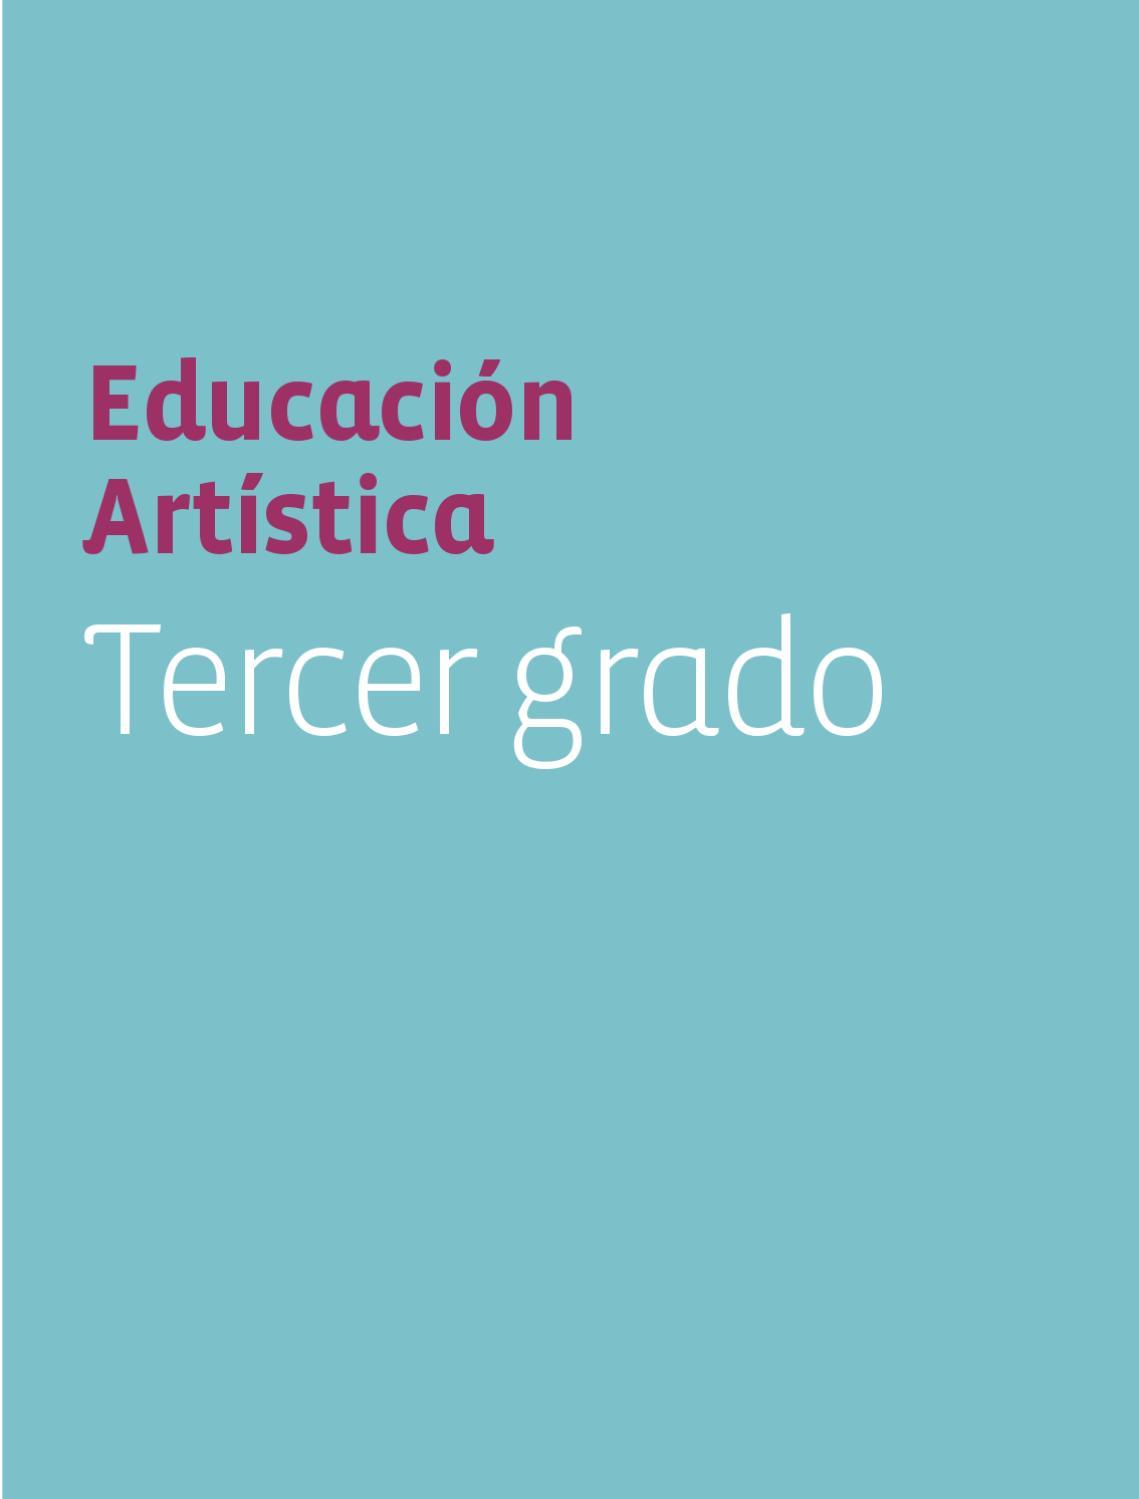 Educación Artistica 3er. Grado by Rarámuri - issuu